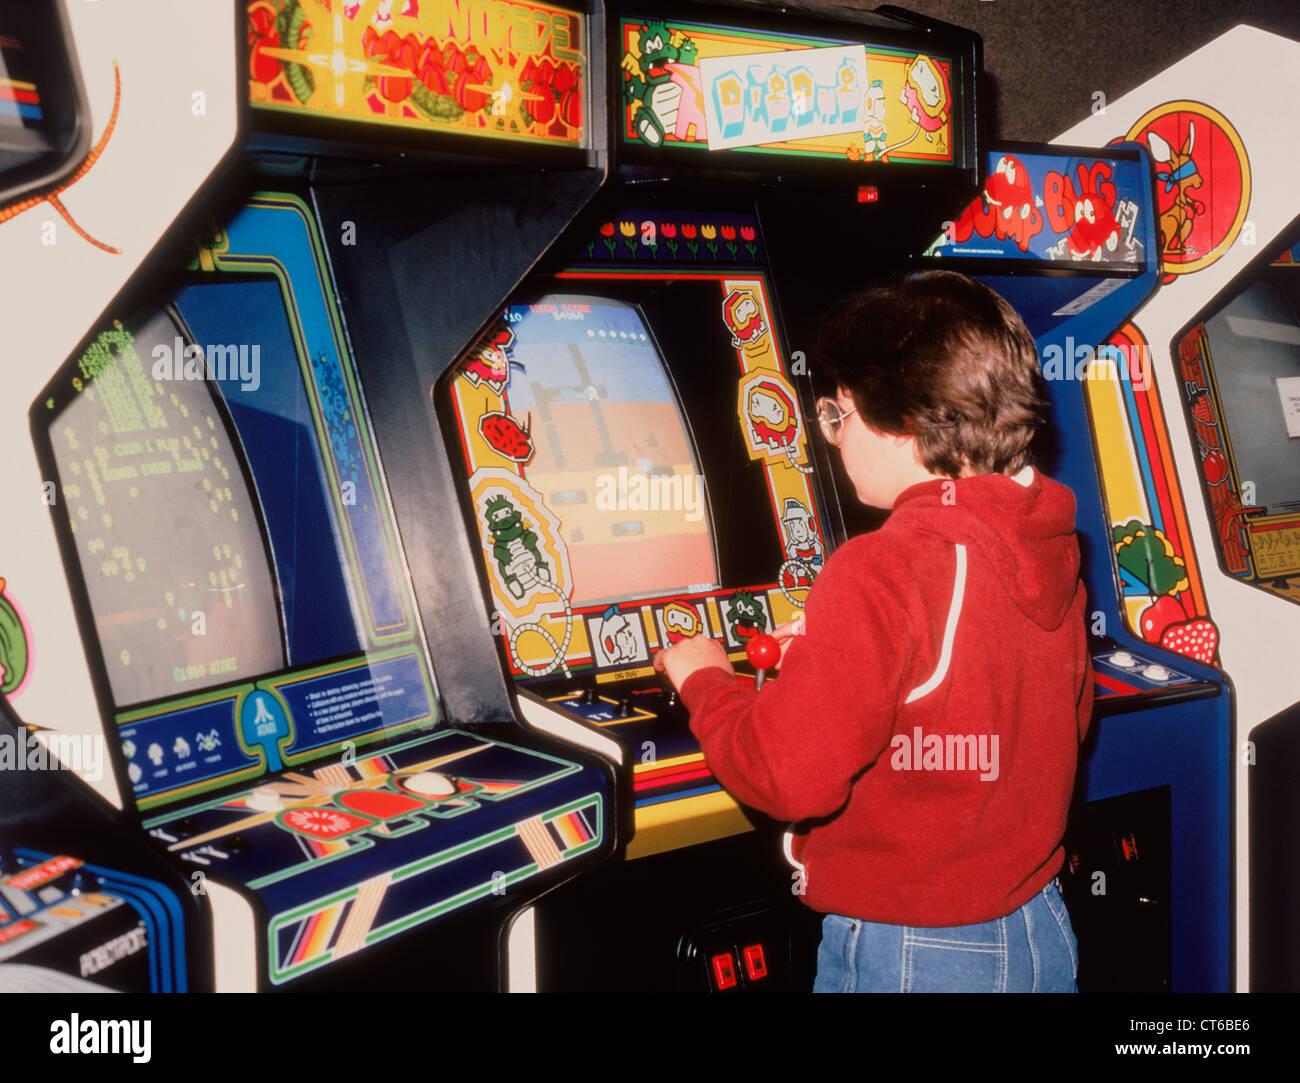 https://c8.alamy.com/compfr/ct6be6/garcon-jouant-des-jeux-d-arcade-video-vintage-ct6be6.jpg